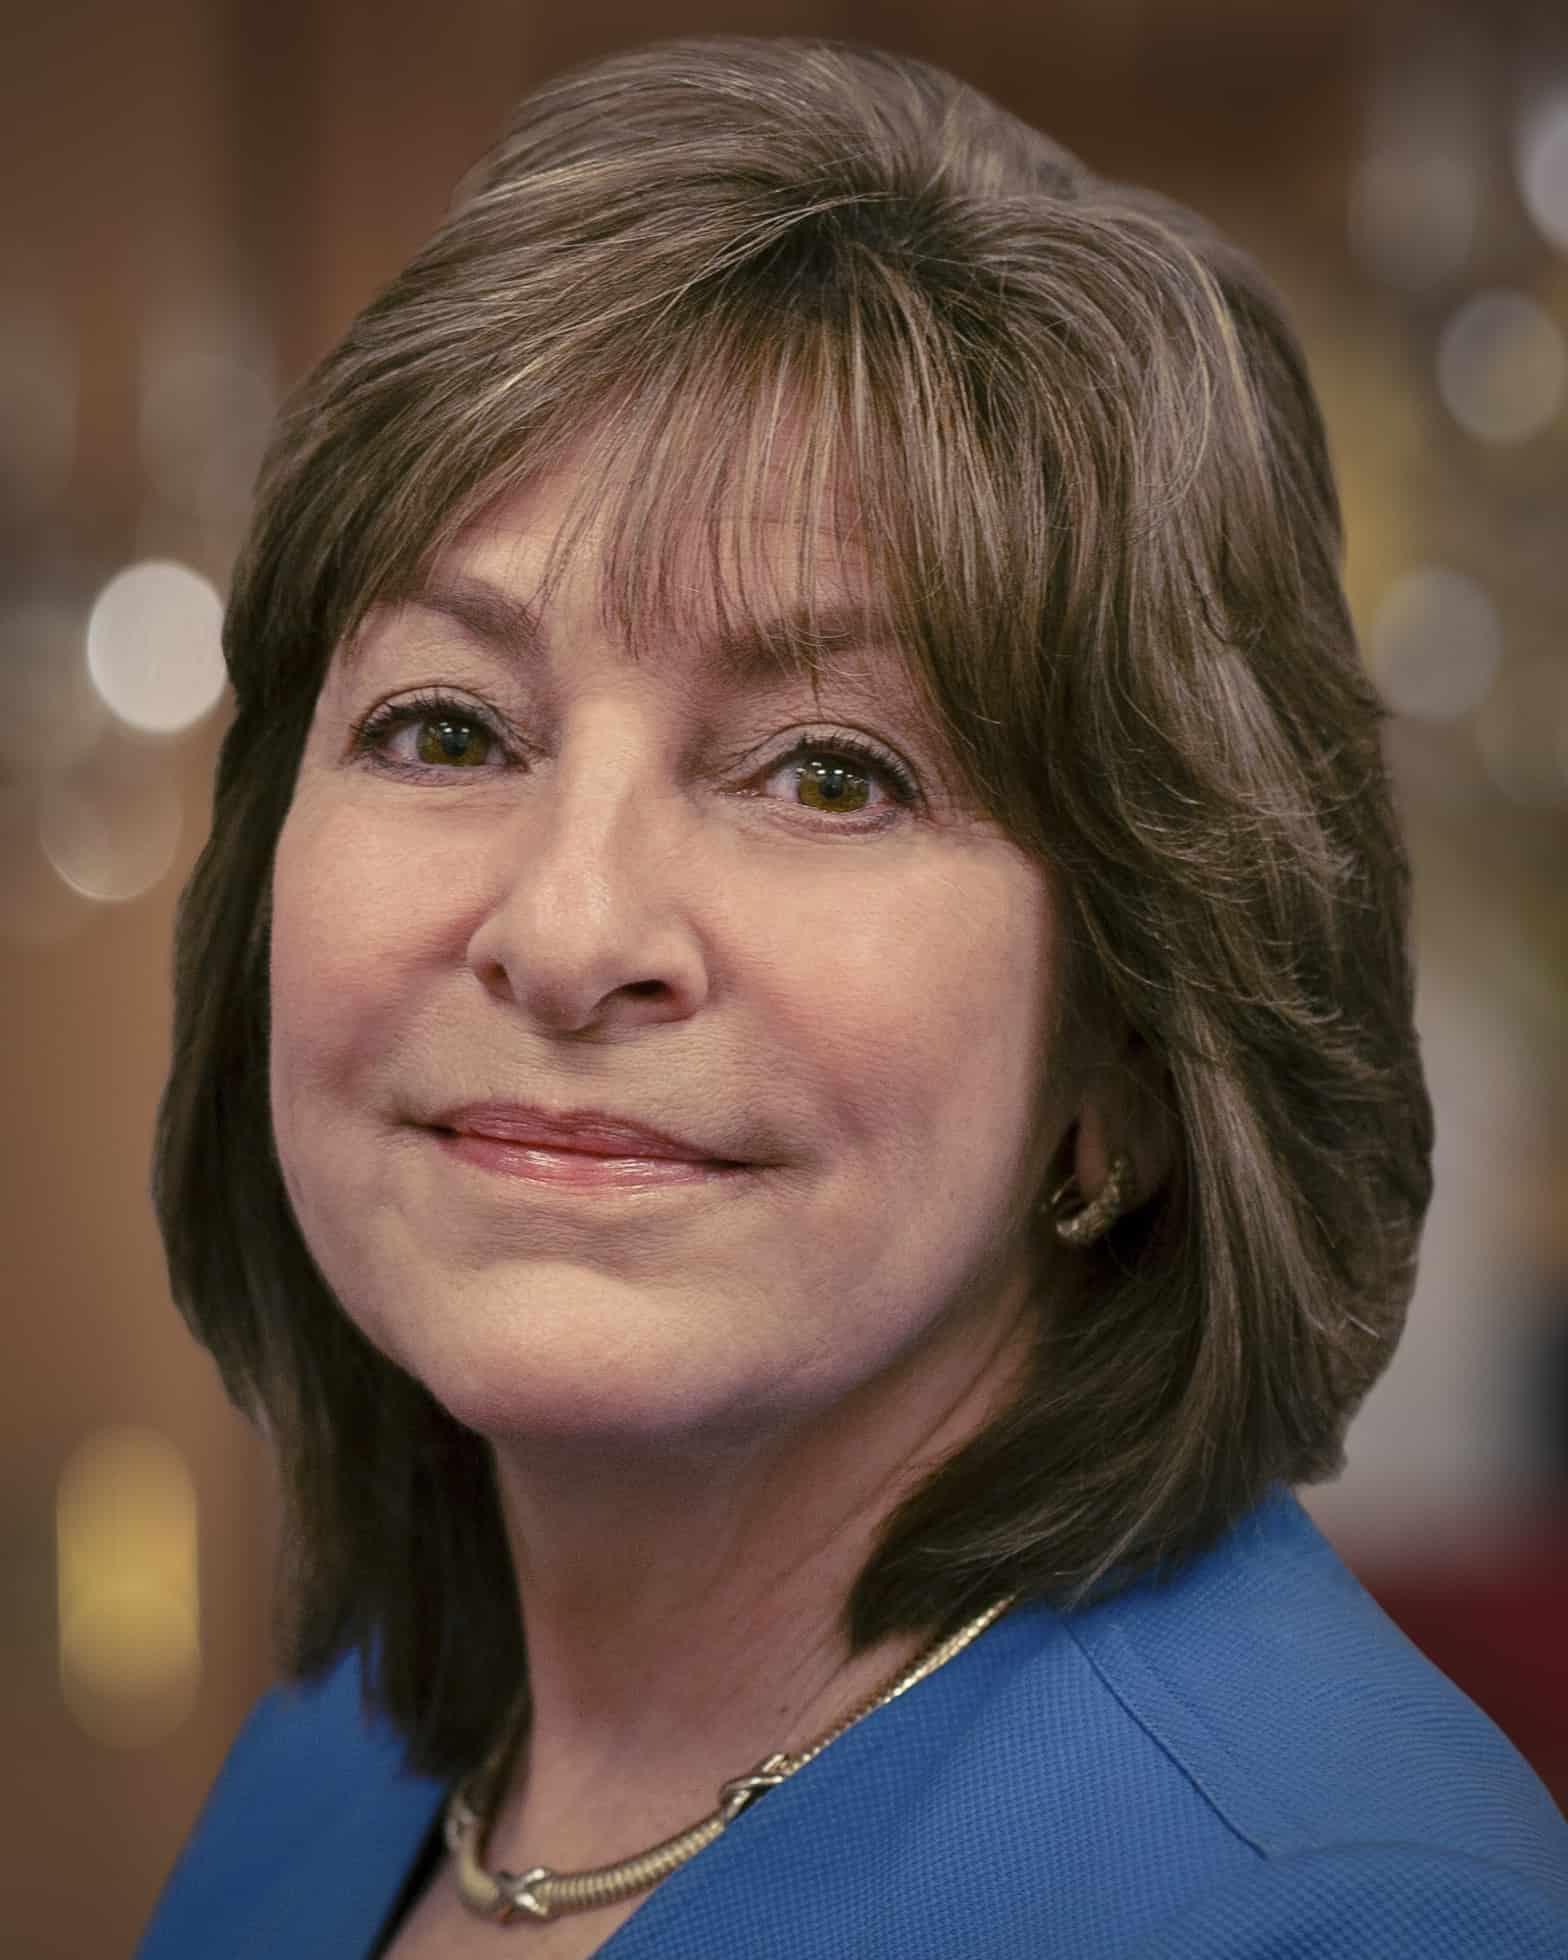 Arlene Rothblatt